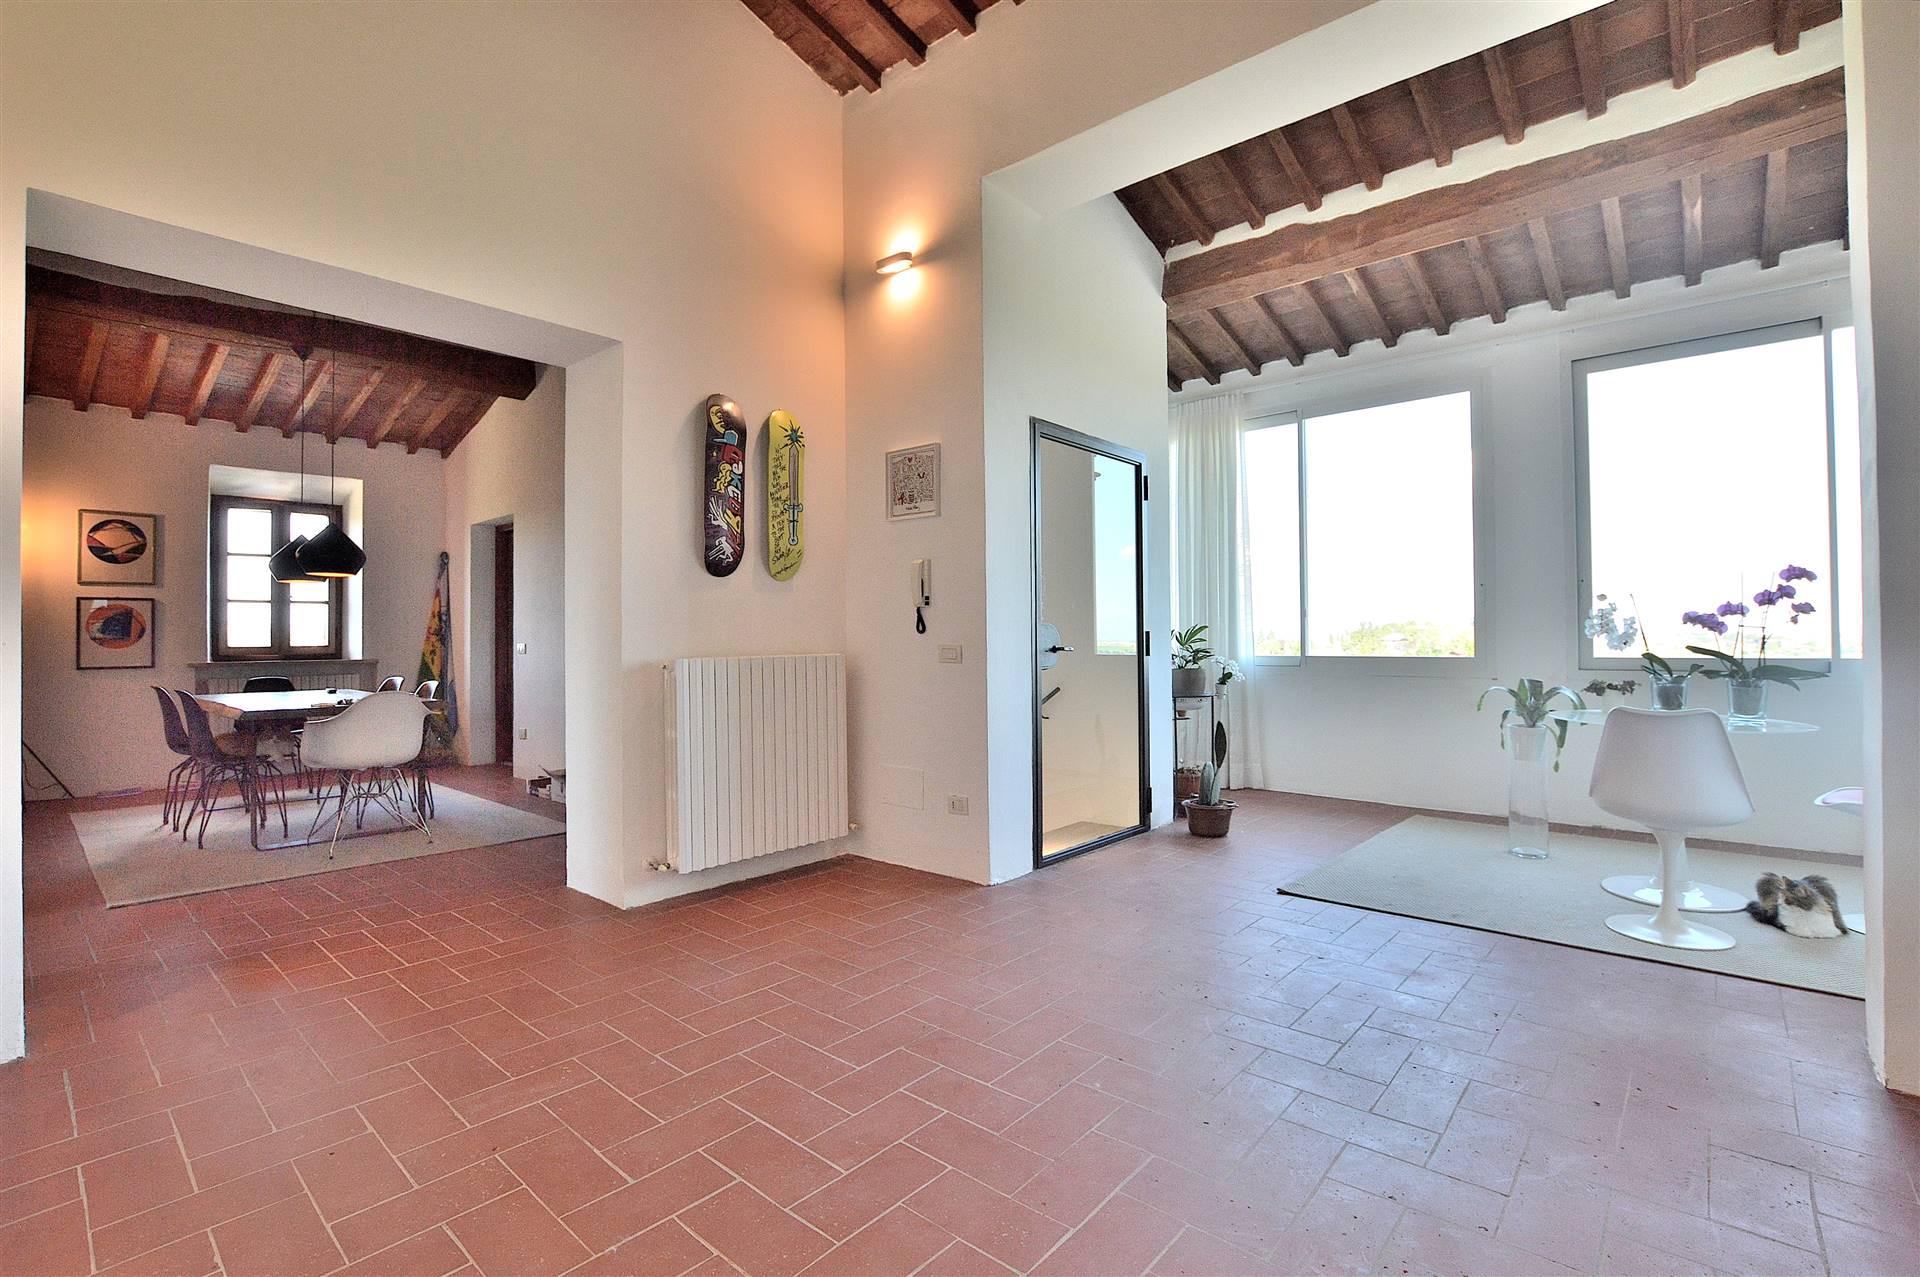 Zona Monastero, in posizione dominante con splendida vista sulla Città, proponiamo bellissimo appartamento posto al primo ed ultimo piano all'interno